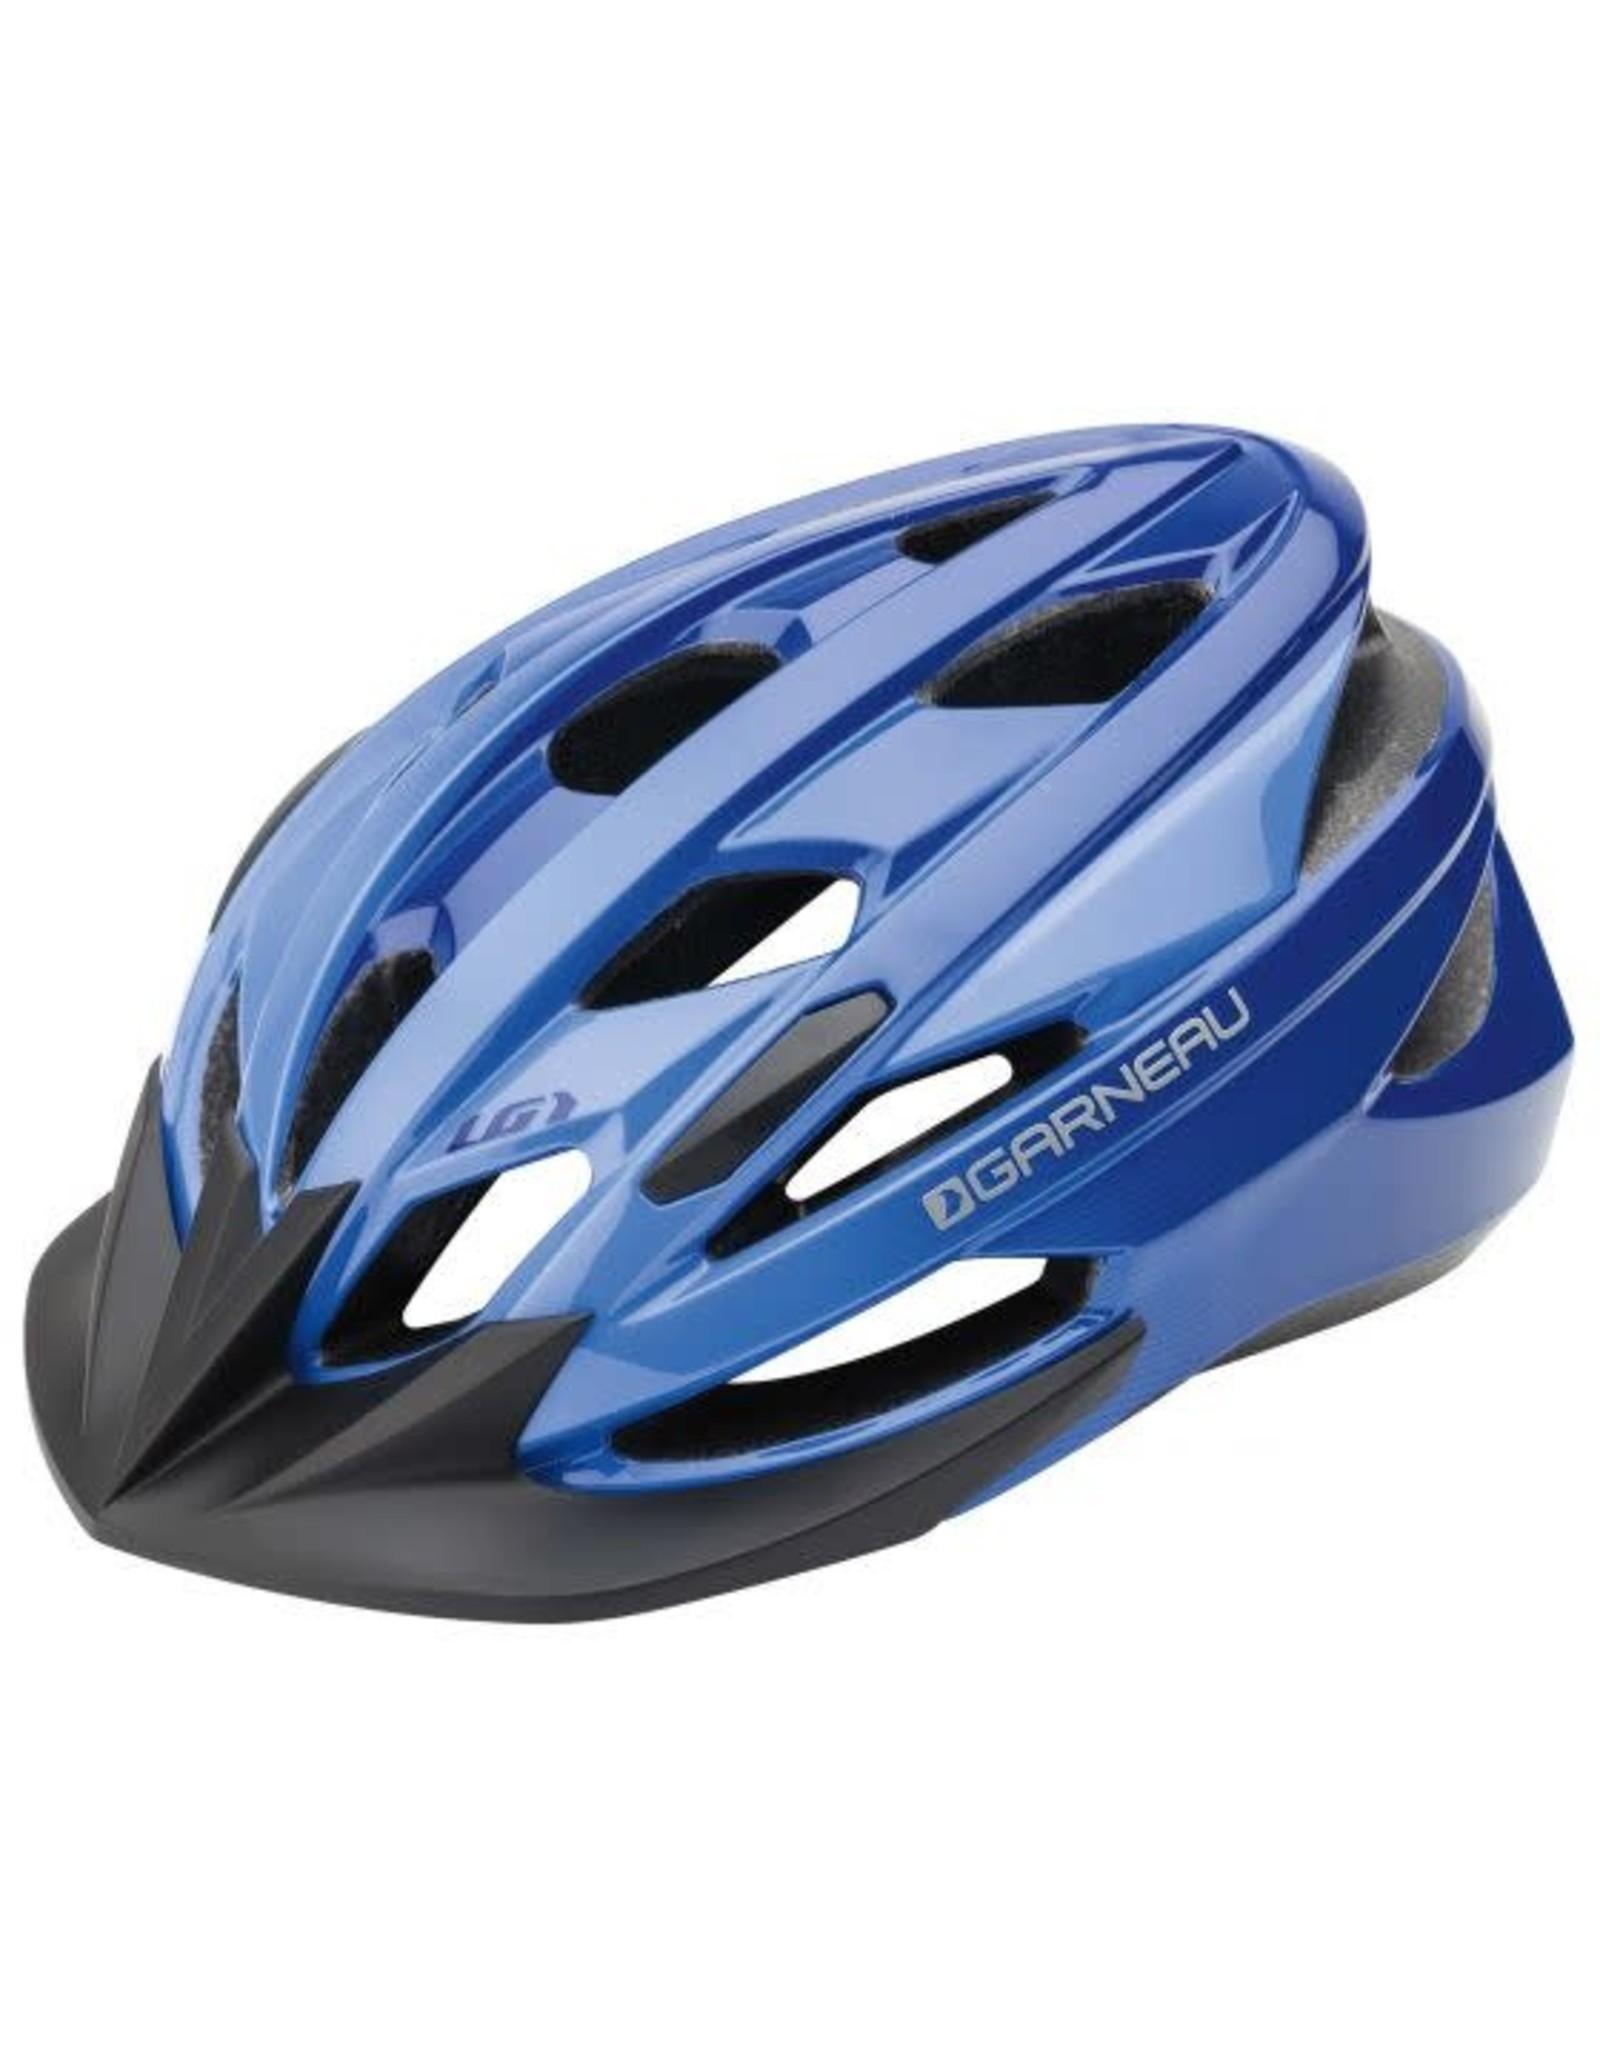 Garneau Garneau - Women's Tiffany Cycling Helmet Blue